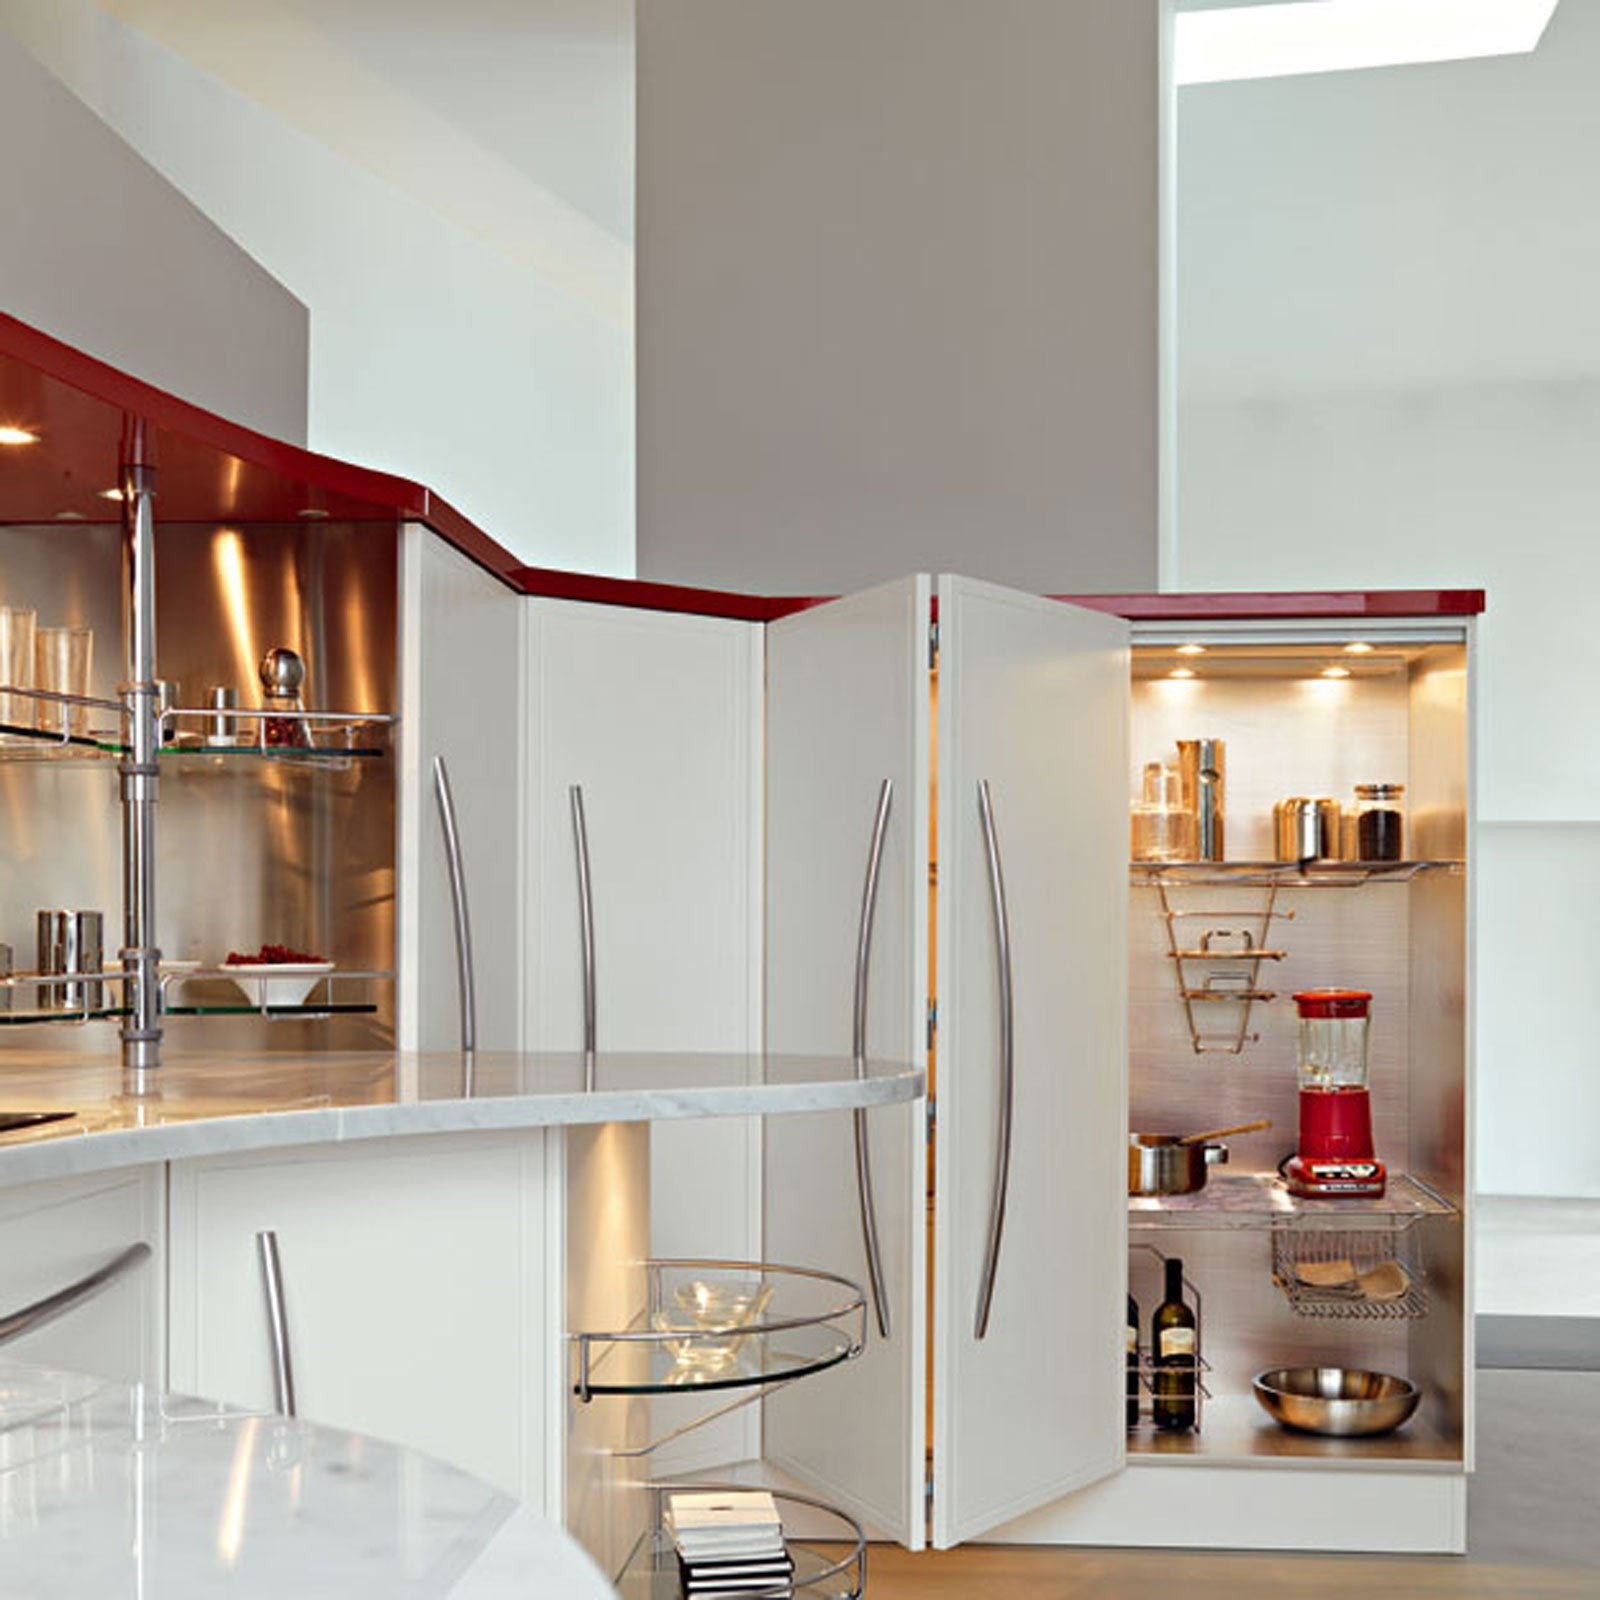 cucina la comodit dipende anche dall 39 interno cose di casa